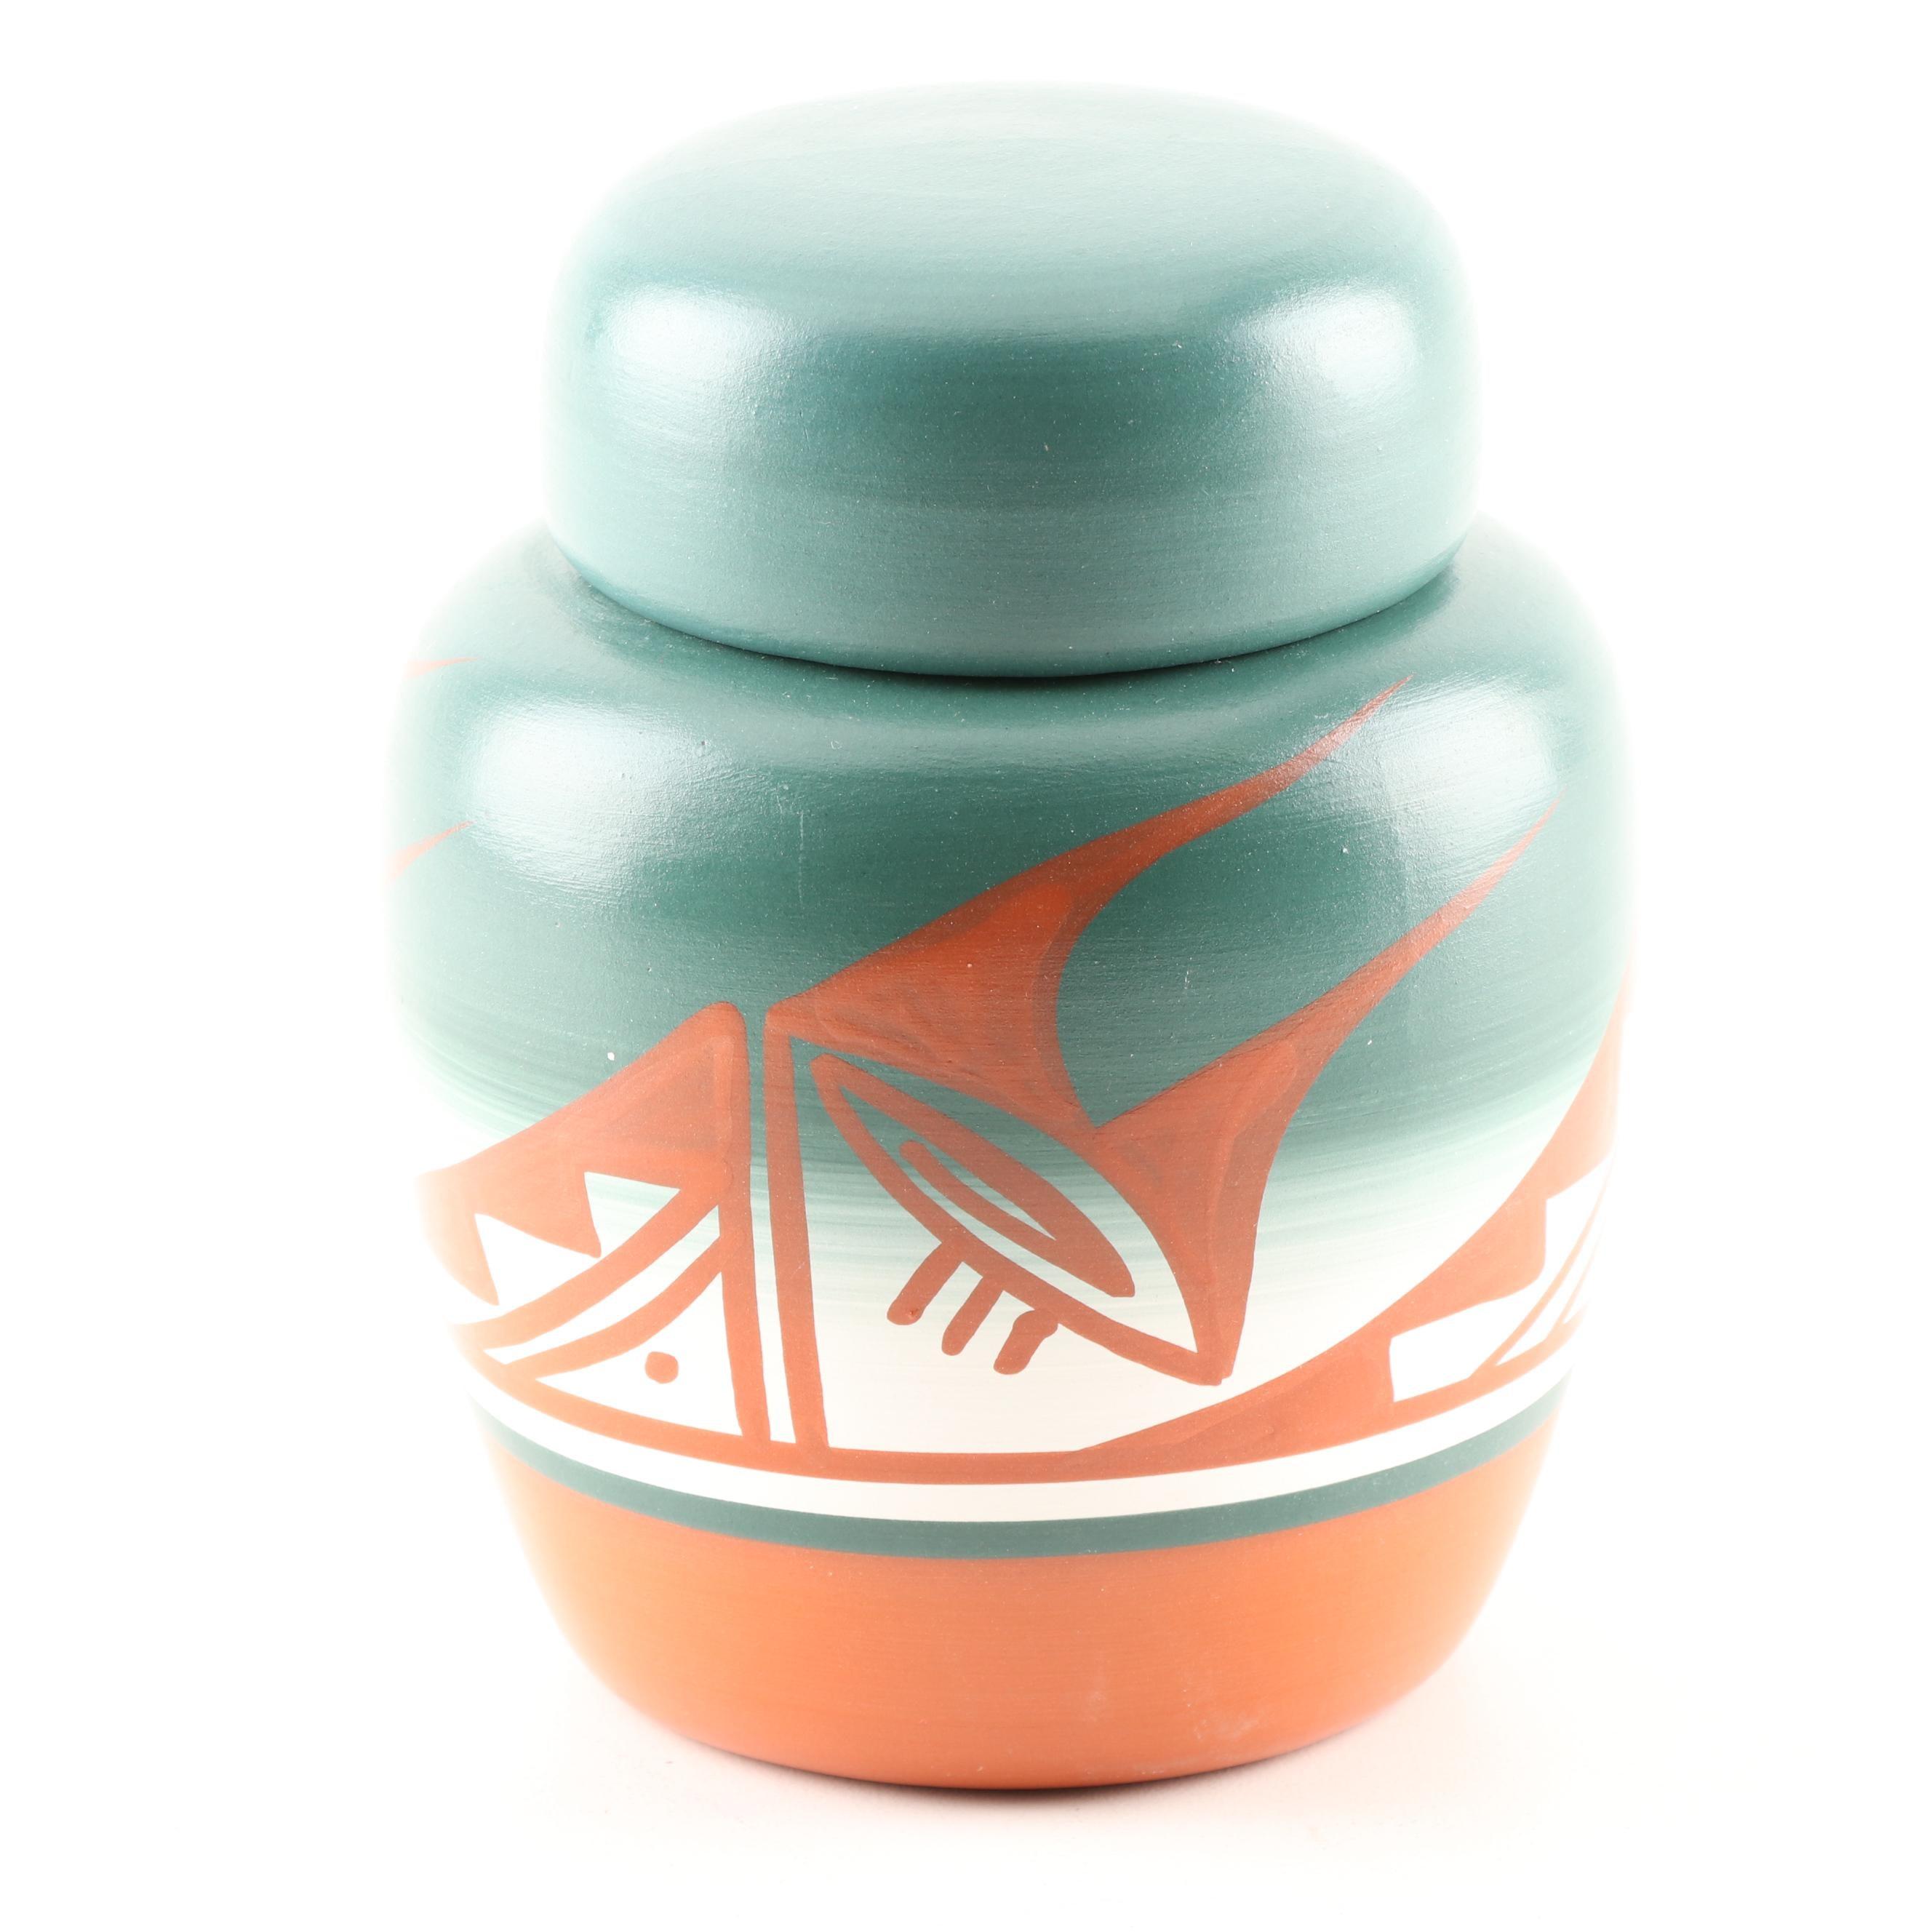 Keda Pinh Hozoni Pottery Terracotta Lidded Jar